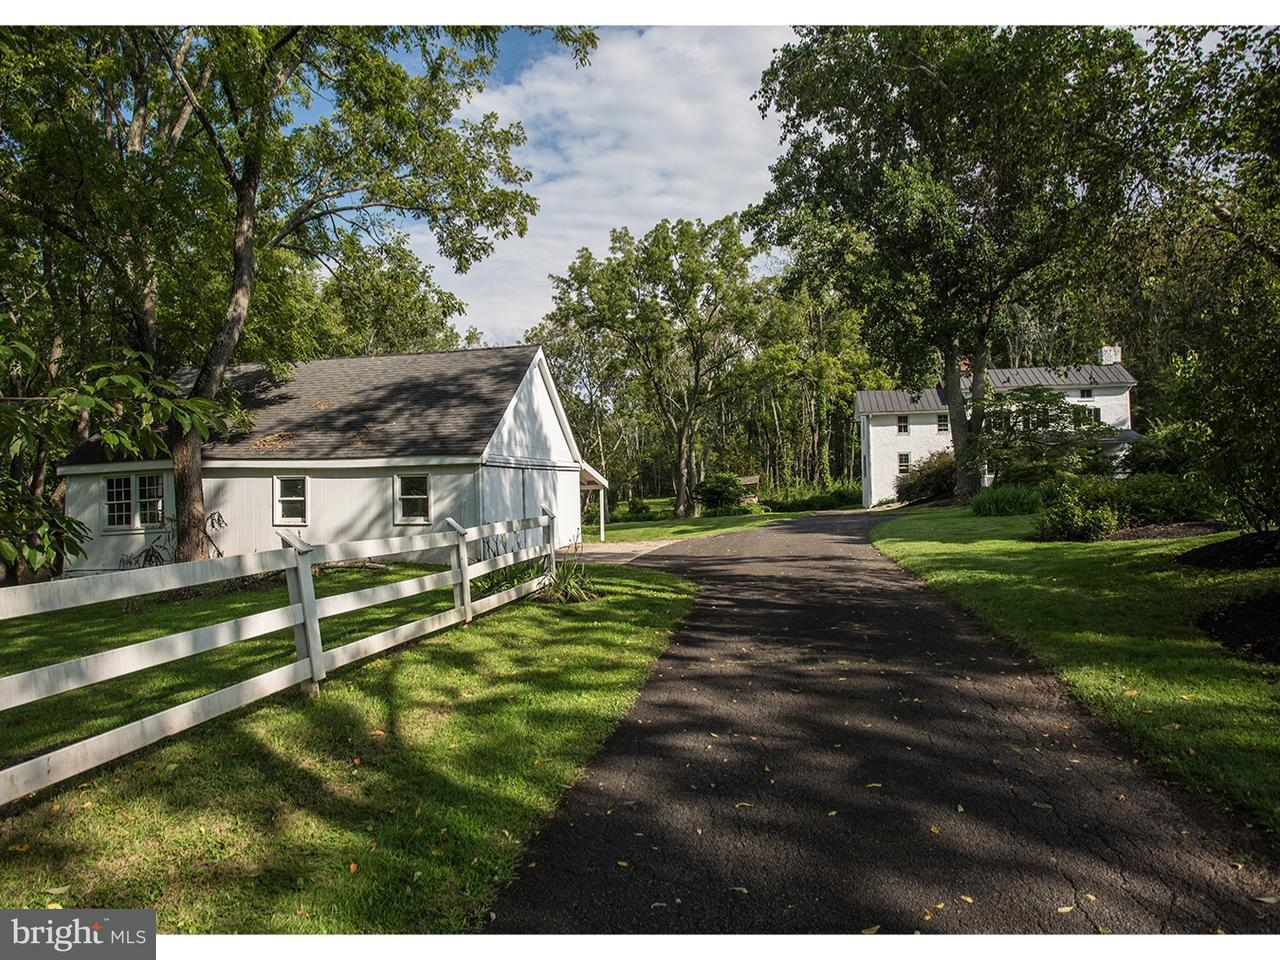 Частный односемейный дом для того Аренда на 3609 CREAMERY Road Furlong, Пенсильвания 18925 Соединенные Штаты